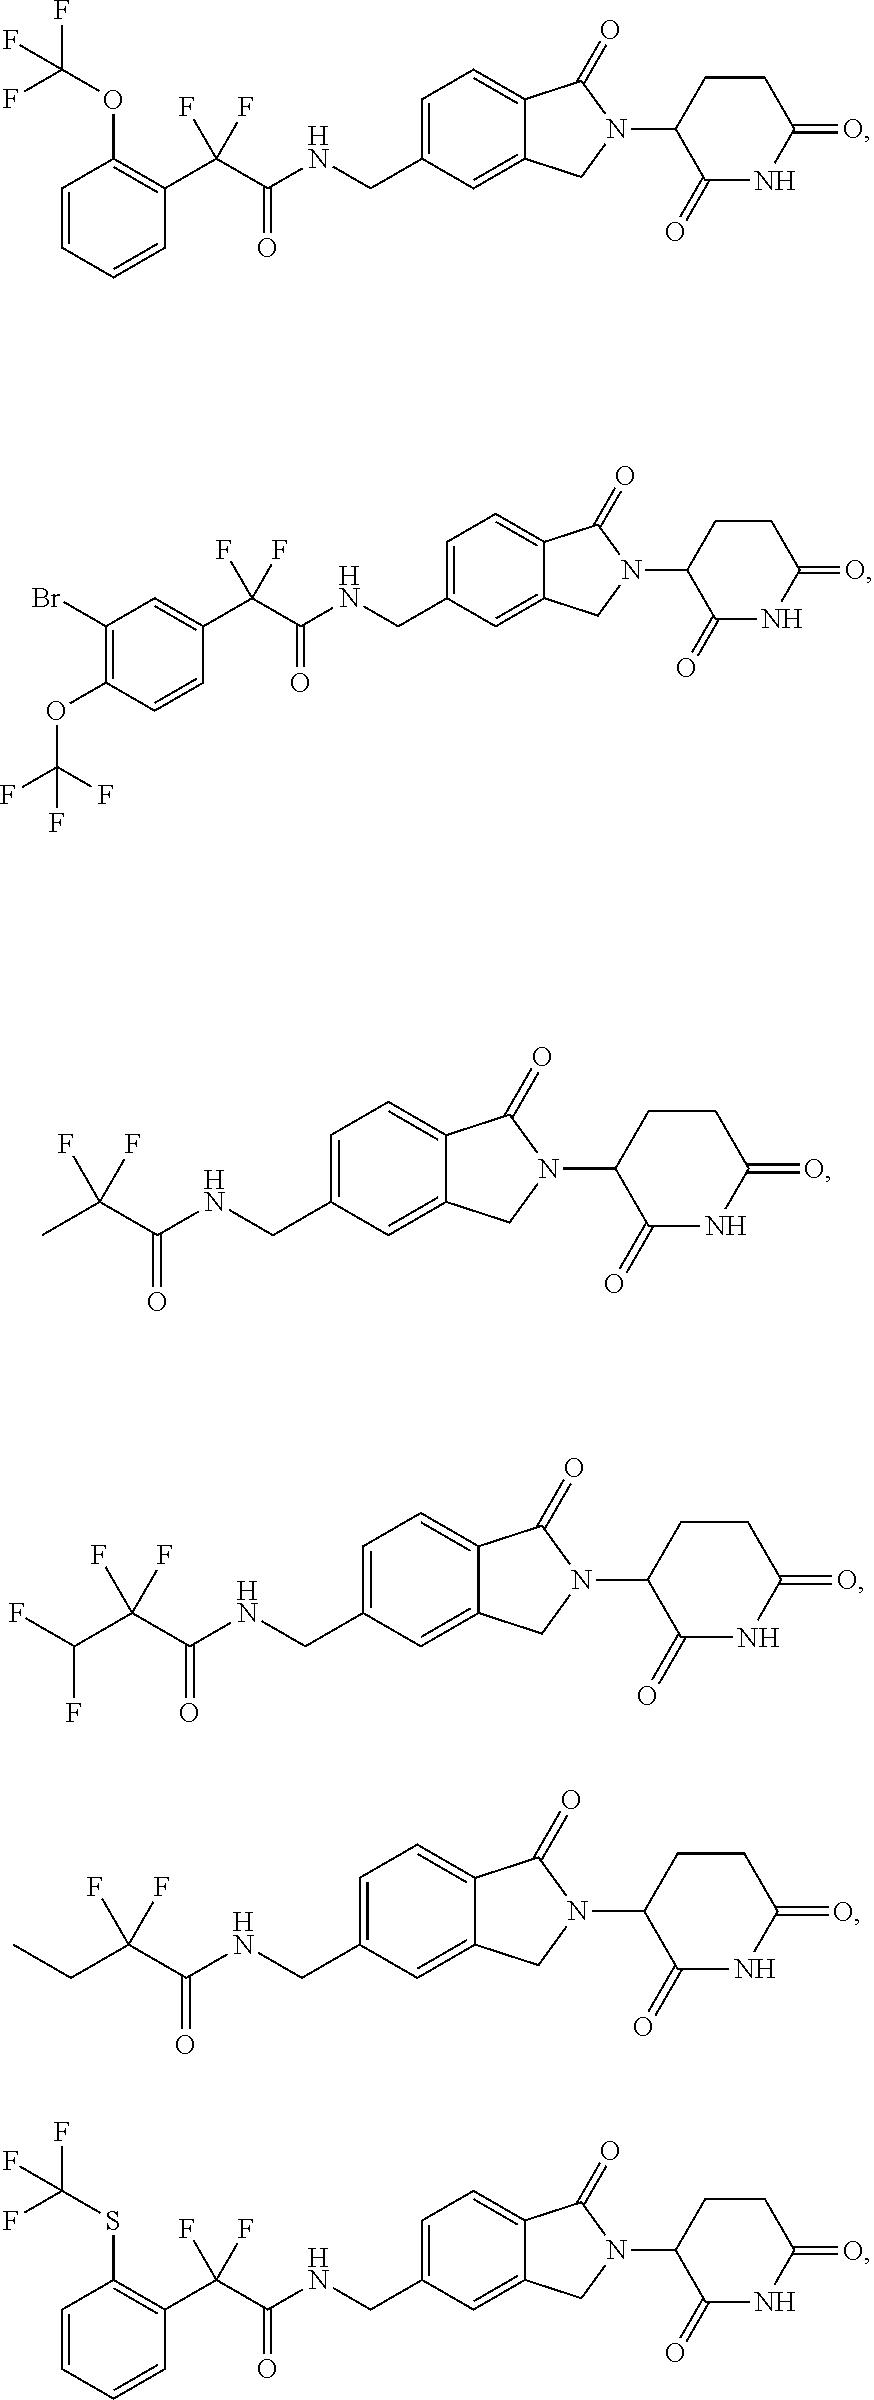 Figure US09968596-20180515-C00014